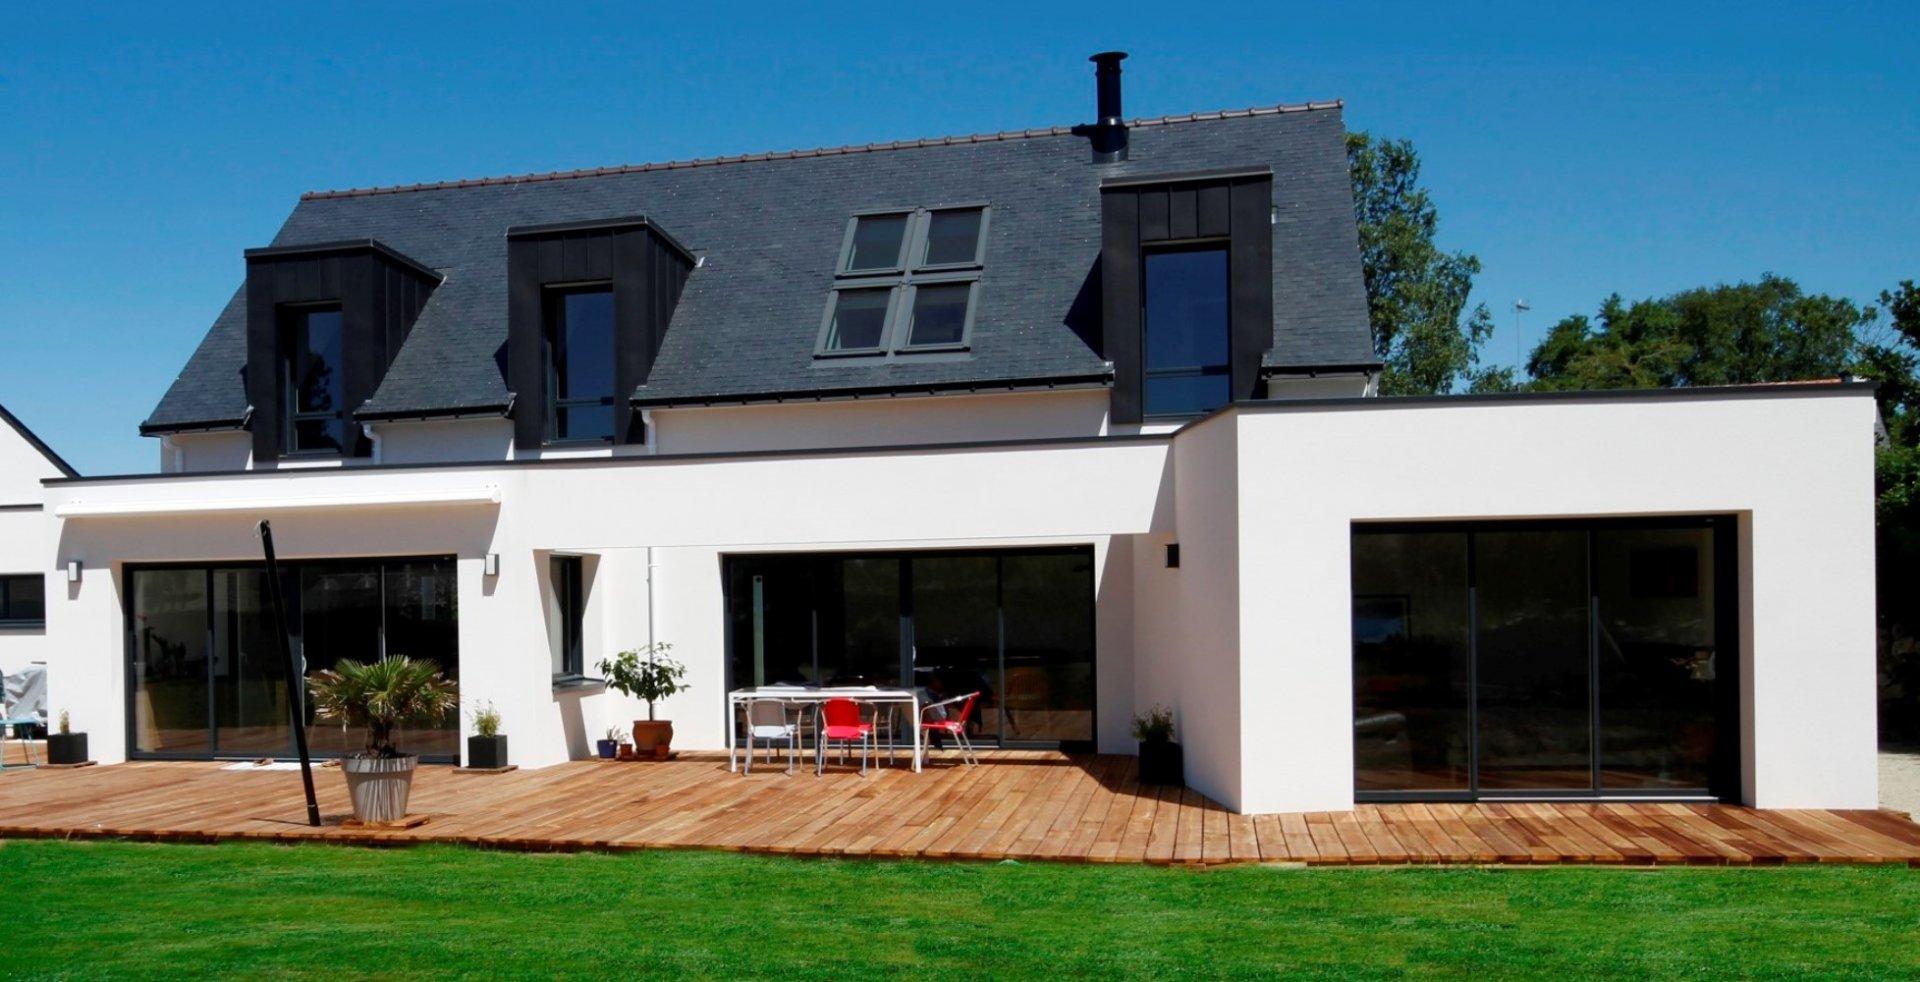 Combien coute une maison pr fabriqu e avie home - Combien coute une maison prefabriquee ...